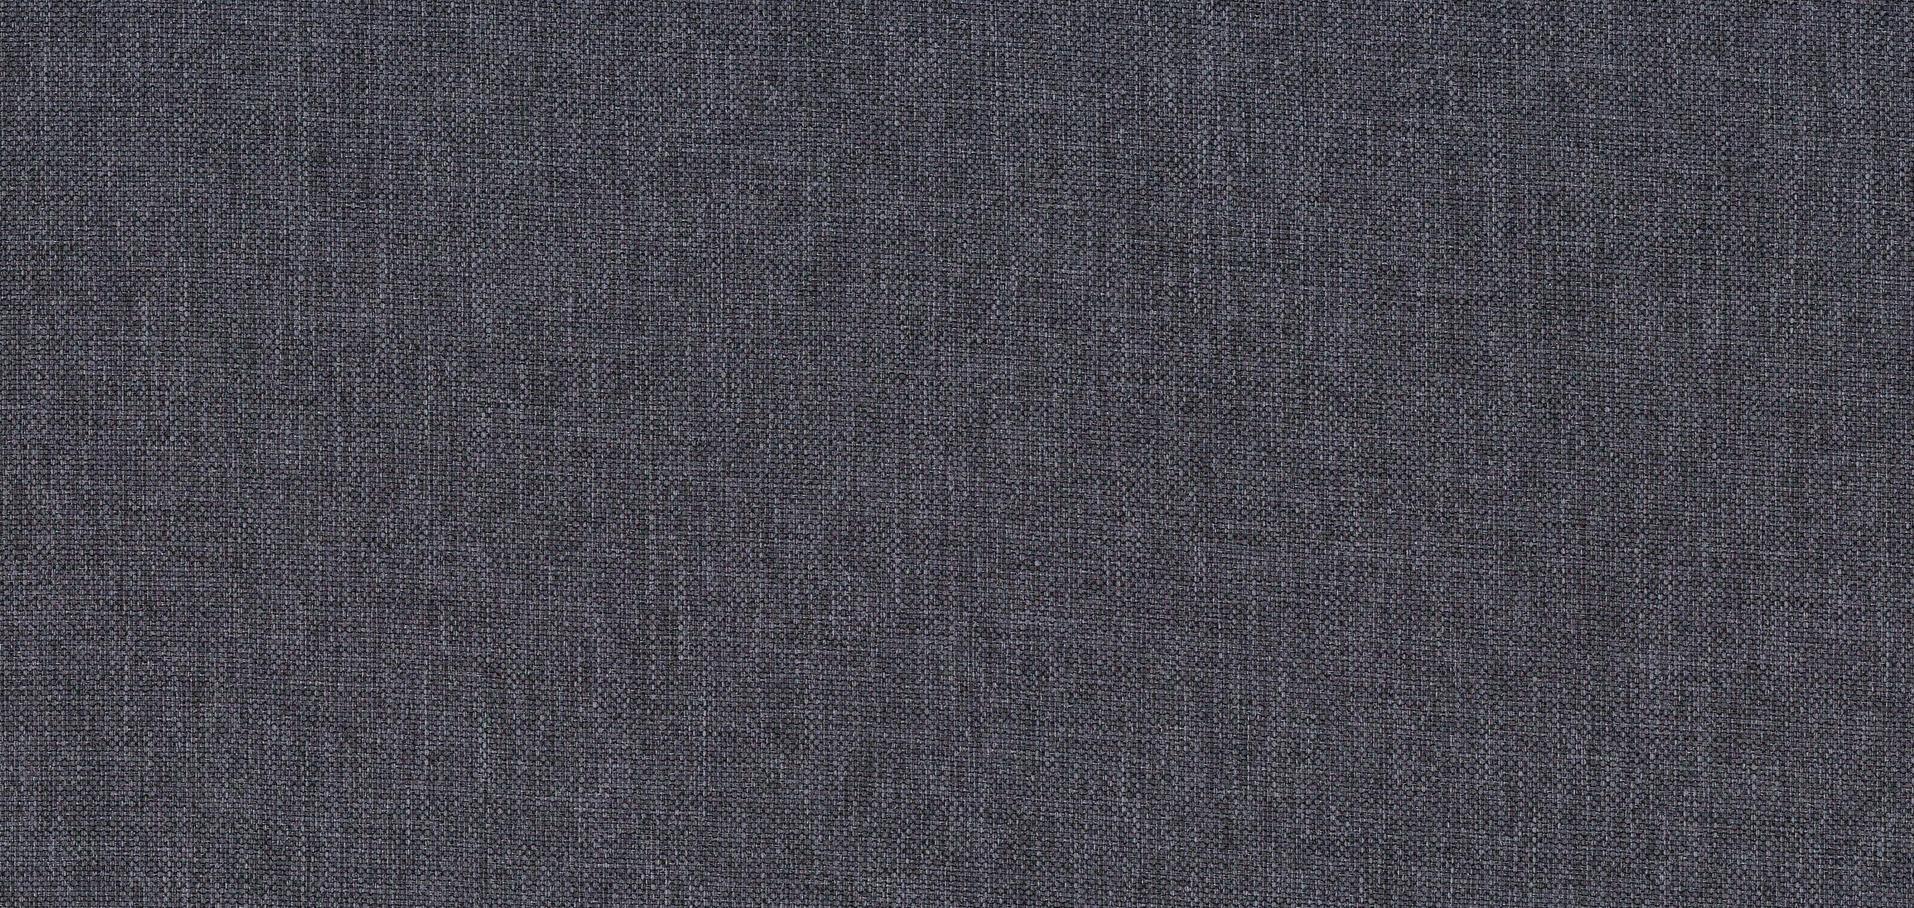 Pokrowiec poduszki oparciowej 65x50x12 PRODUCENT Kod produktu pokrowiec vasco65